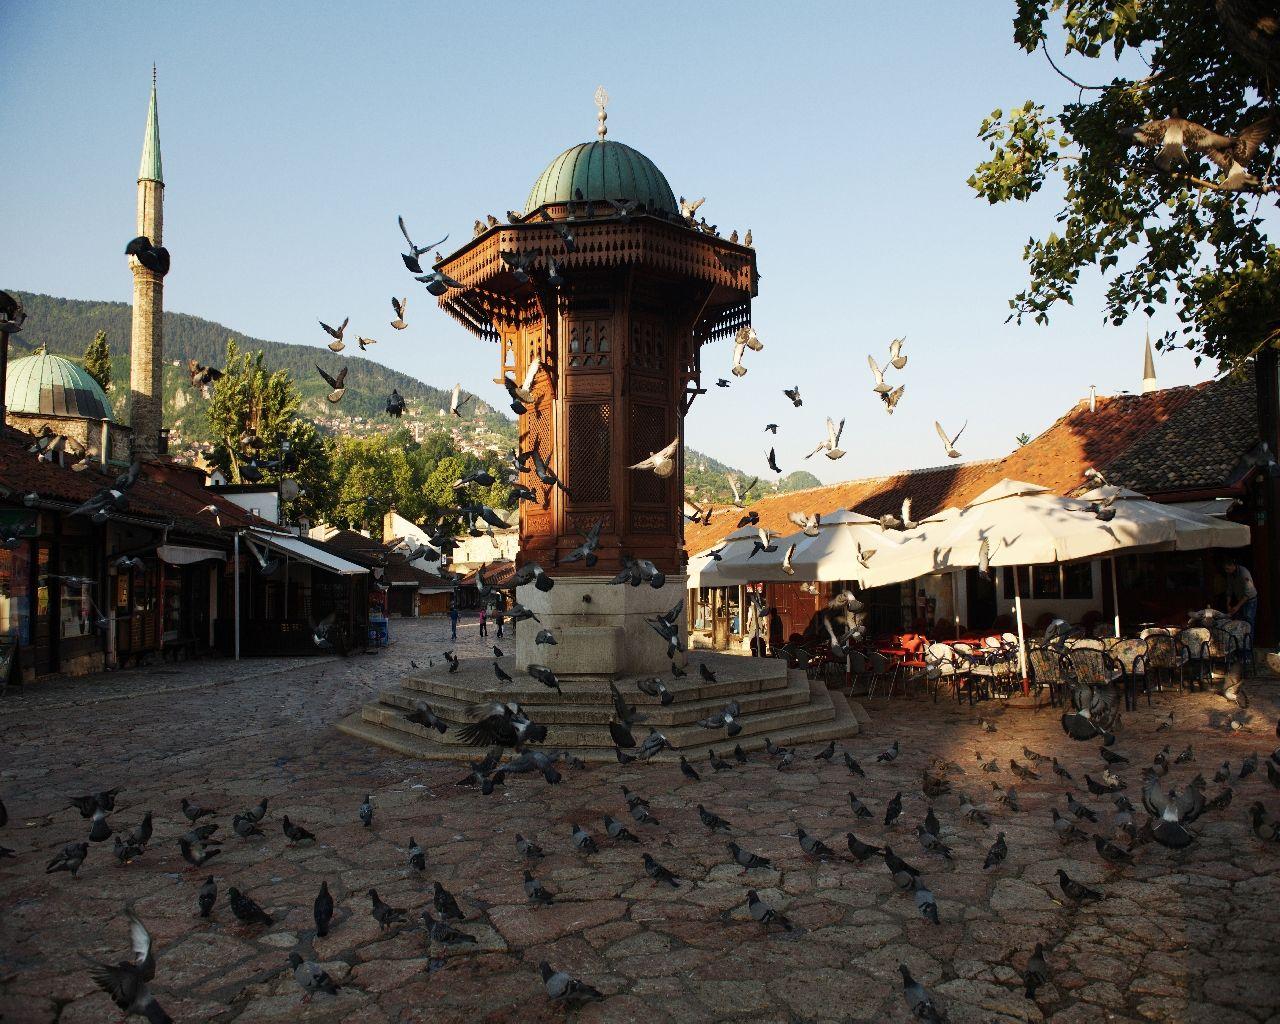 Sarajevo Putovanje Europski Gradovi Akcijska Cijena Svijet Putovanja